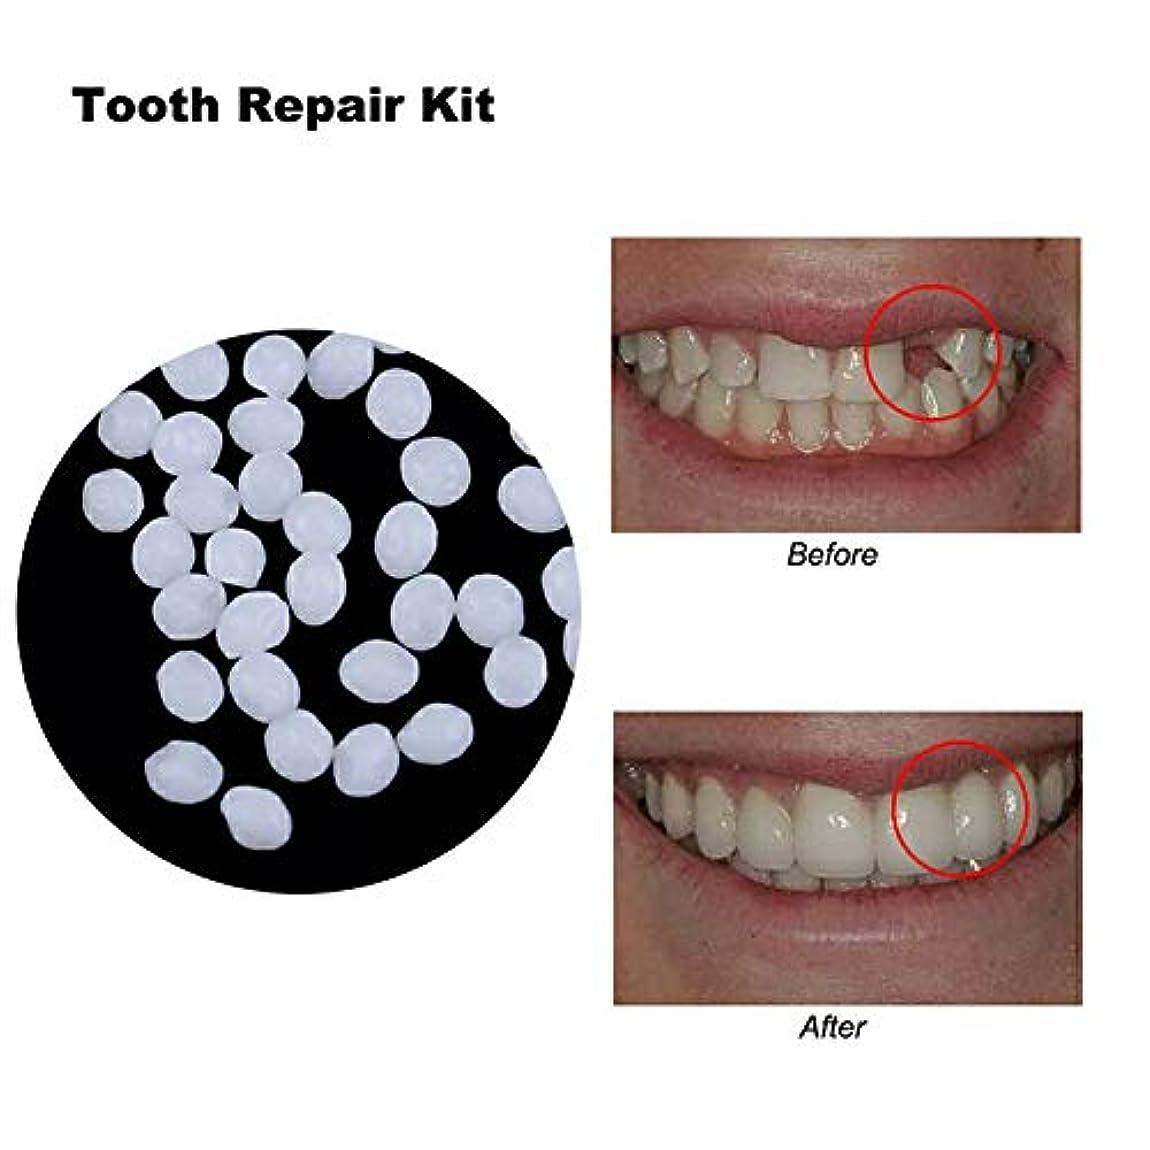 アライメント疼痛付属品偽歯固体接着剤、樹脂の歯とギャップのための一時的な化粧品の歯の修復キットクリエイティブ義歯接着剤,20ml20g